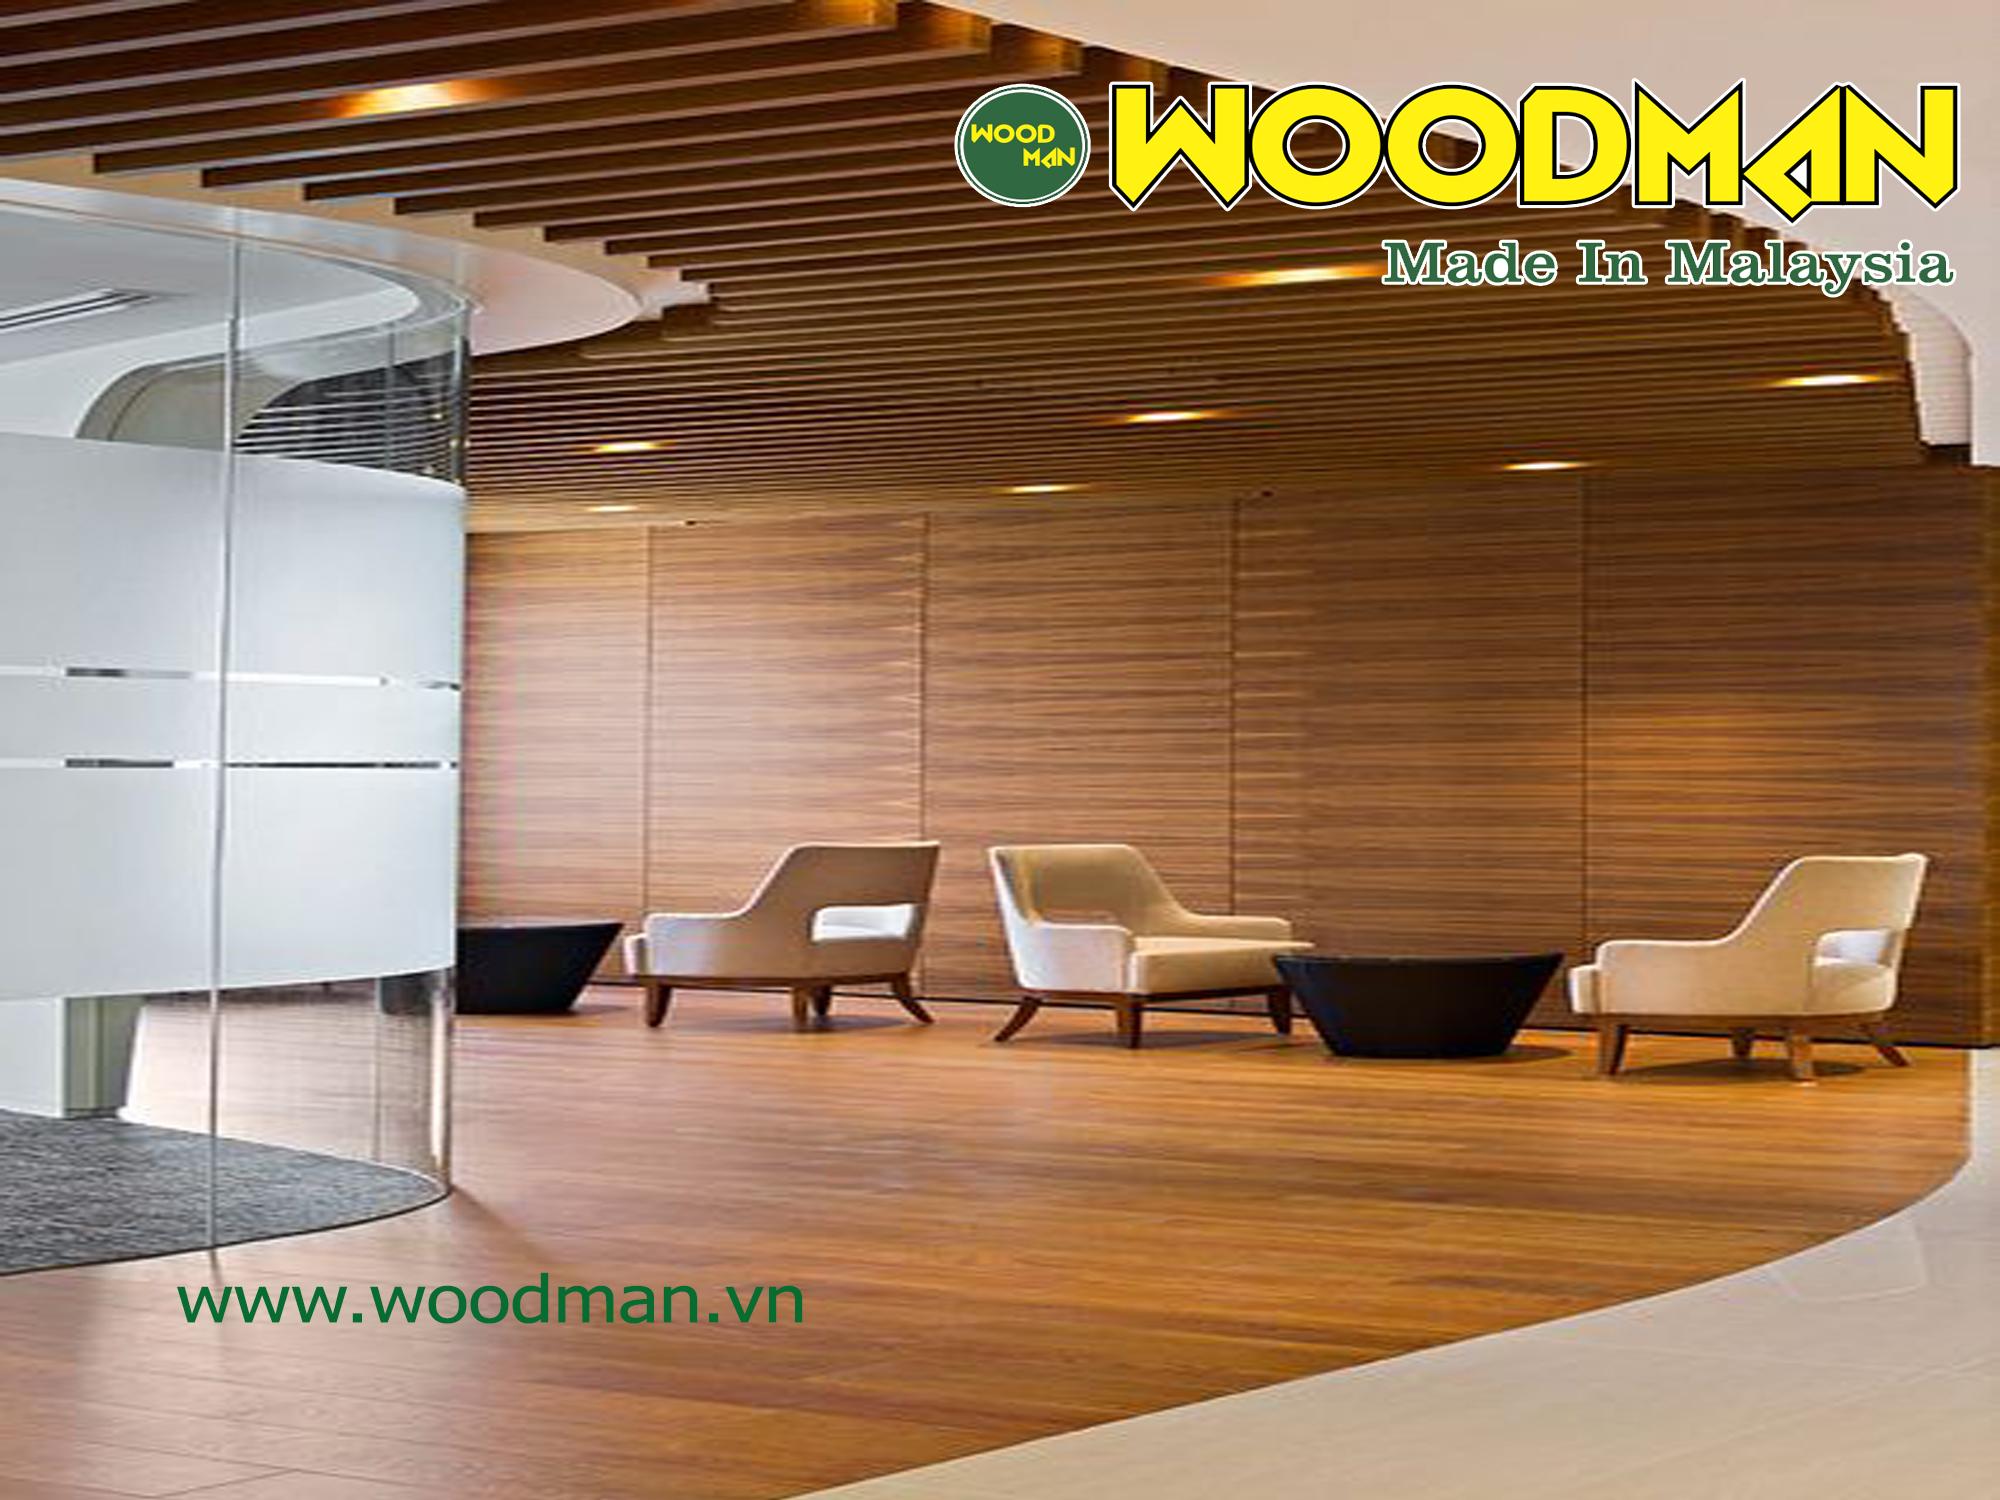 Sàn gỗ Woodman lắp đặt sàn gỗ văn phòng chuyên nghiệp.